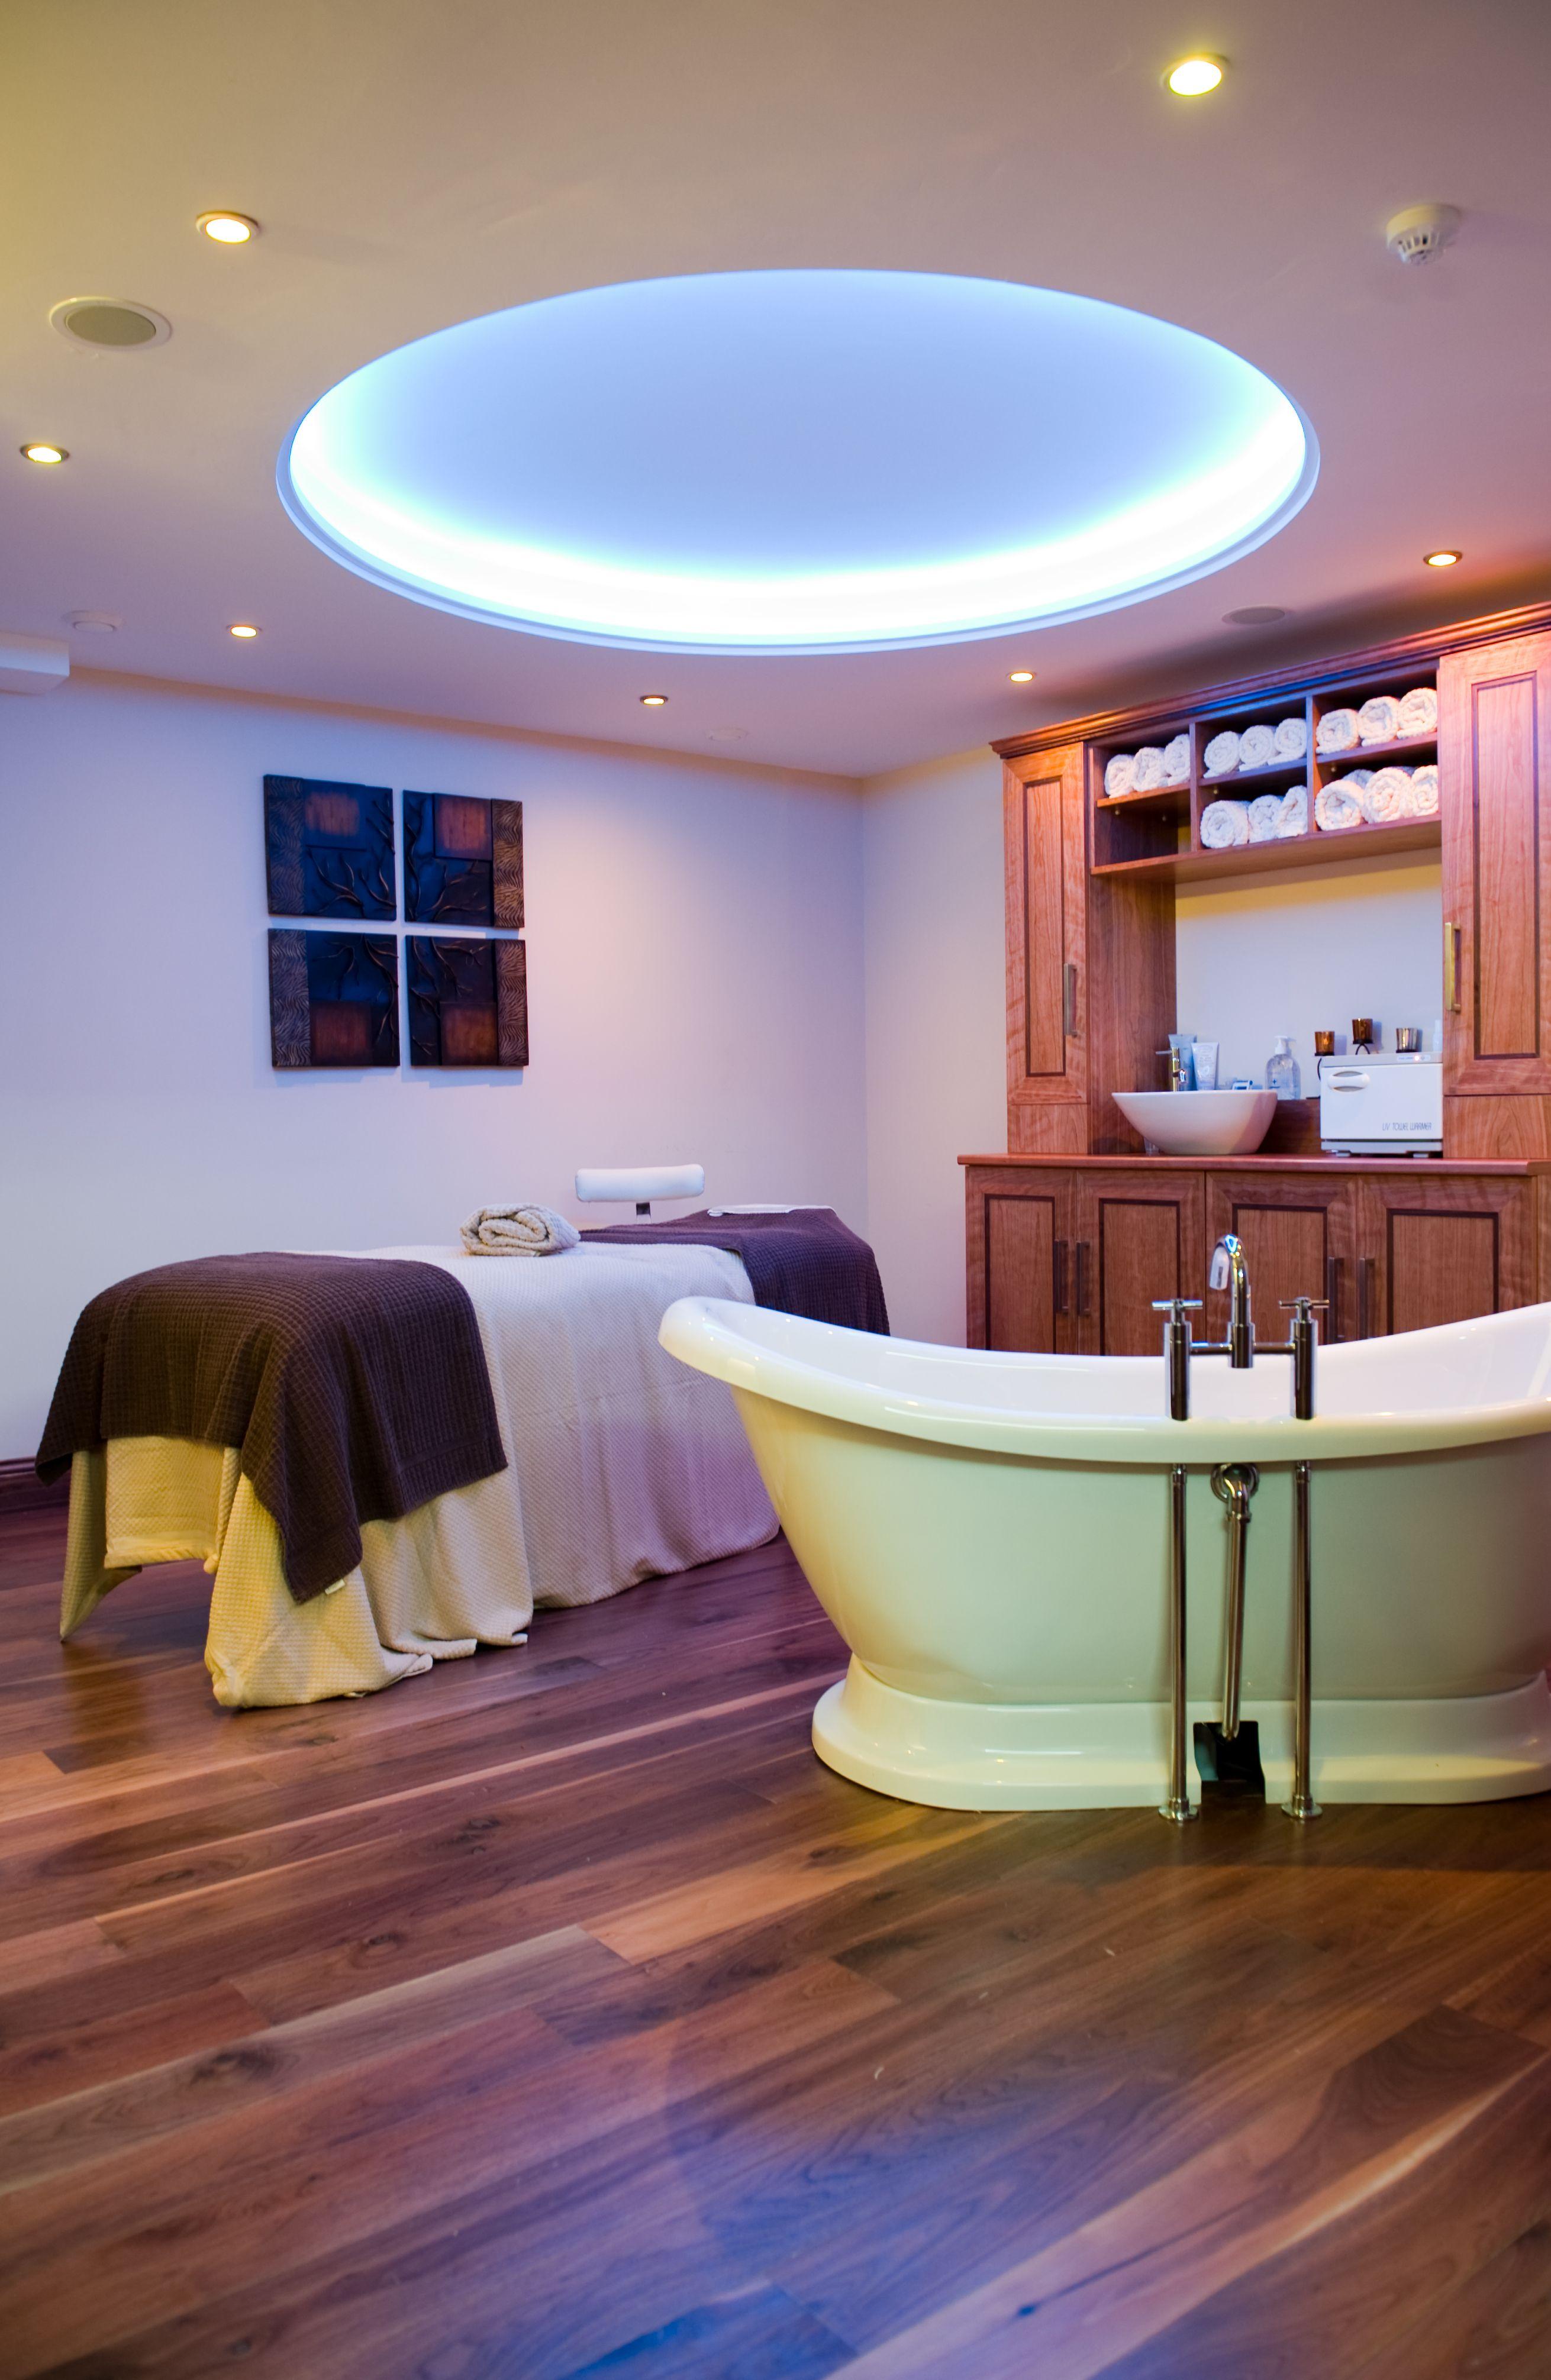 Burrendale Spa Wellness spa, Spa, Bathtub